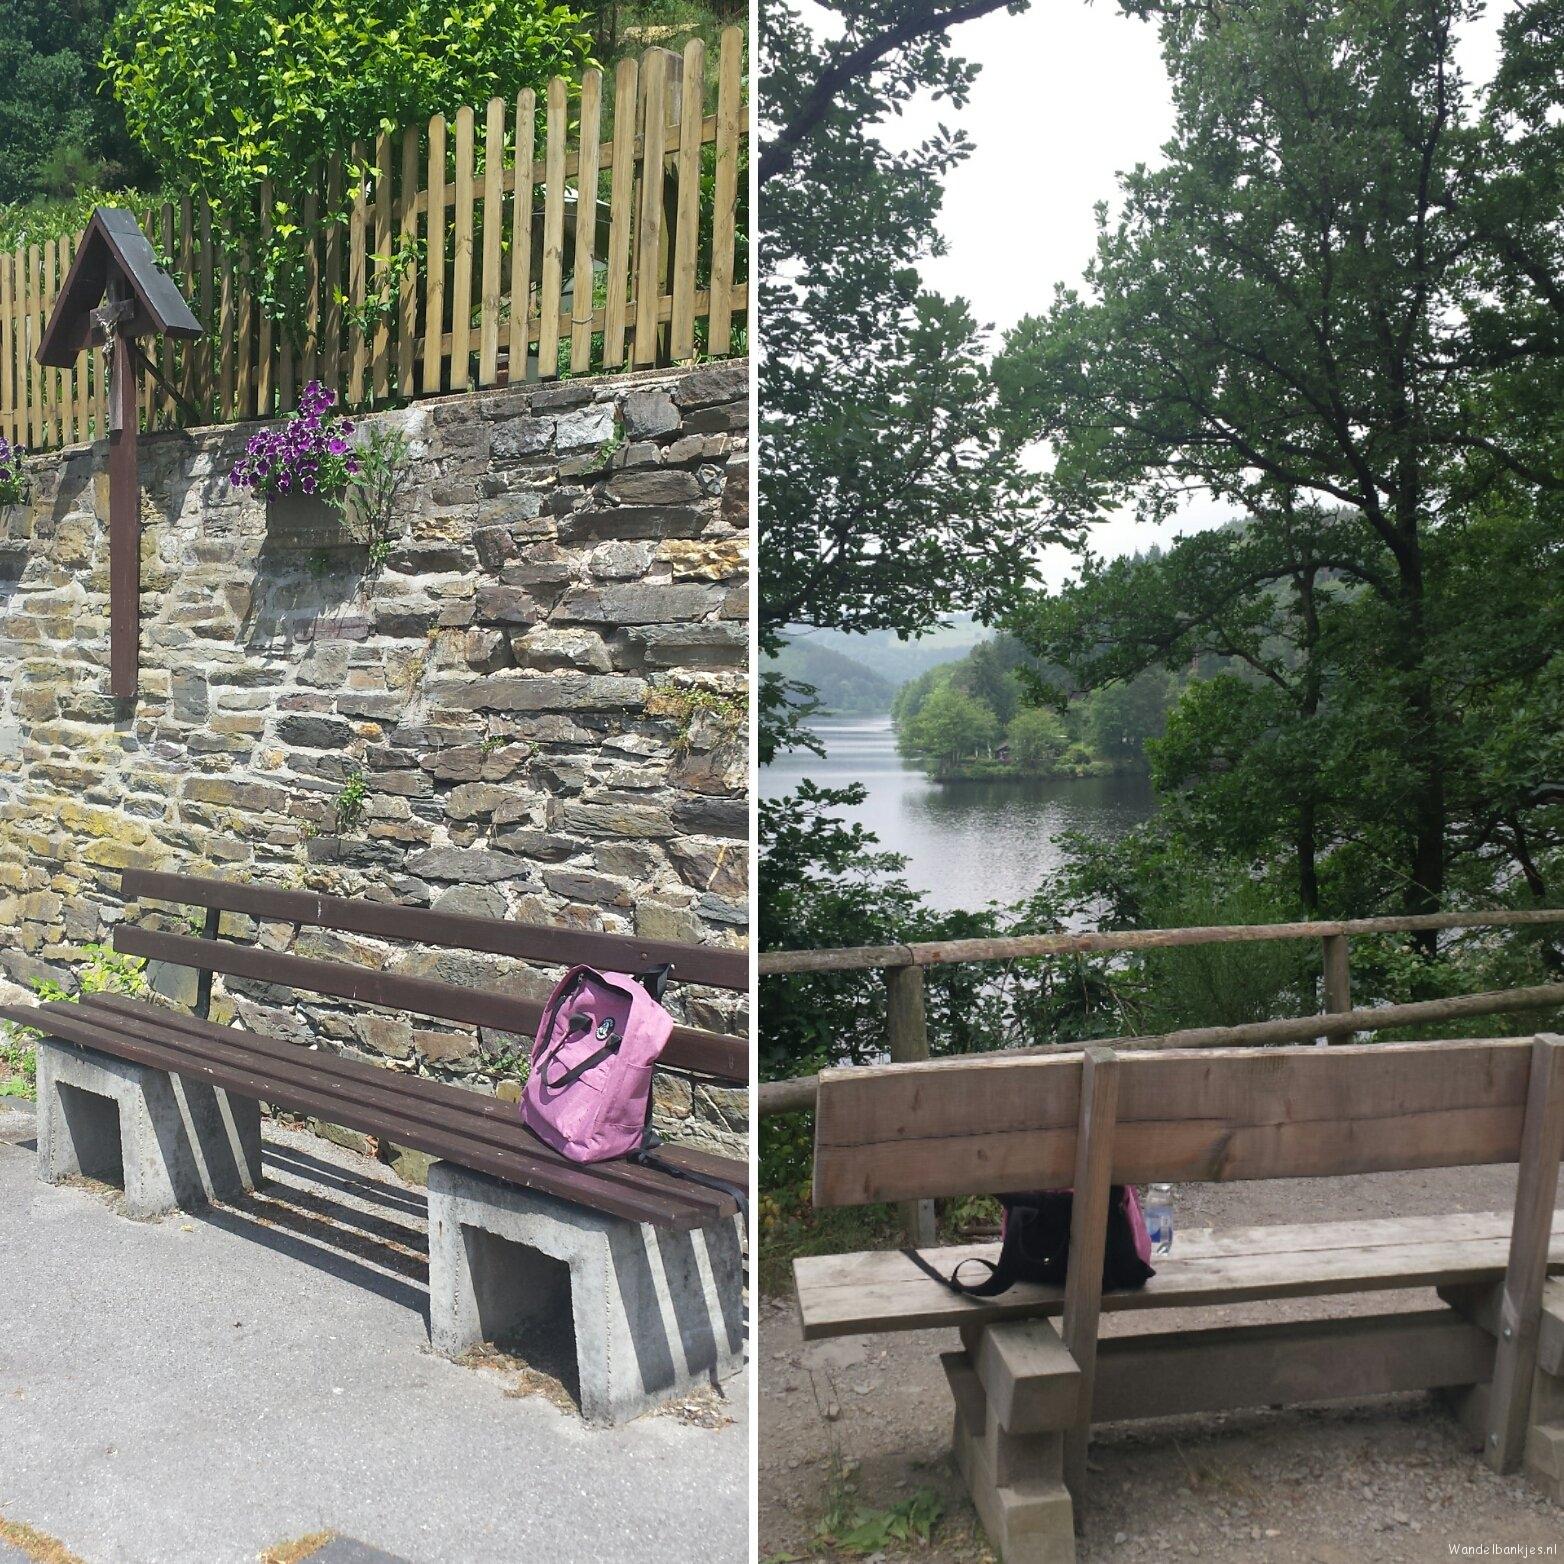 rt-wmuizer-hiking-benches-in-einruhr-https-t-co-zs8urcjuxx